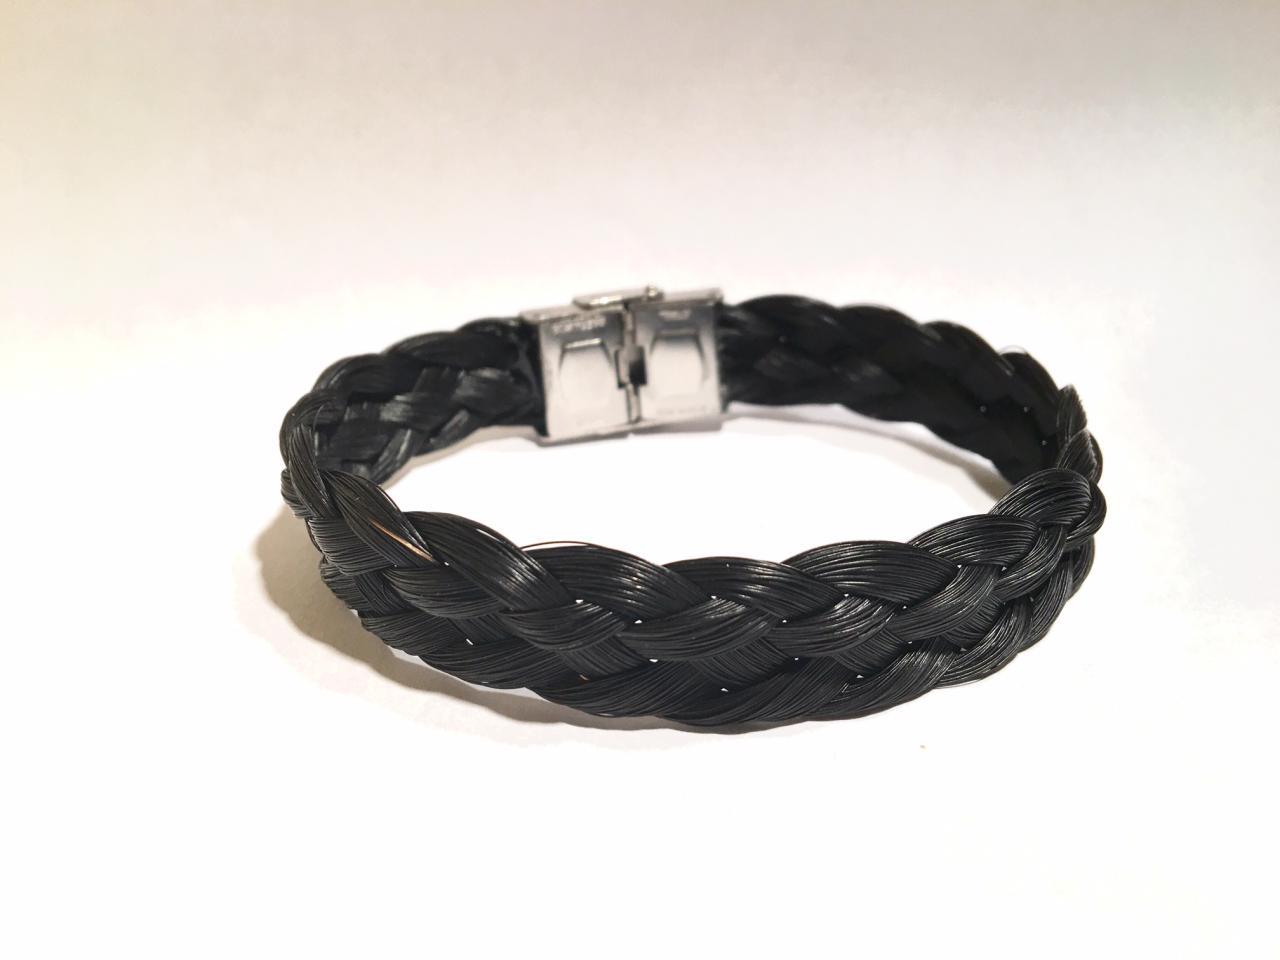 Bracelet en crins de cheval noir, acier inoxydable, idéal homme large